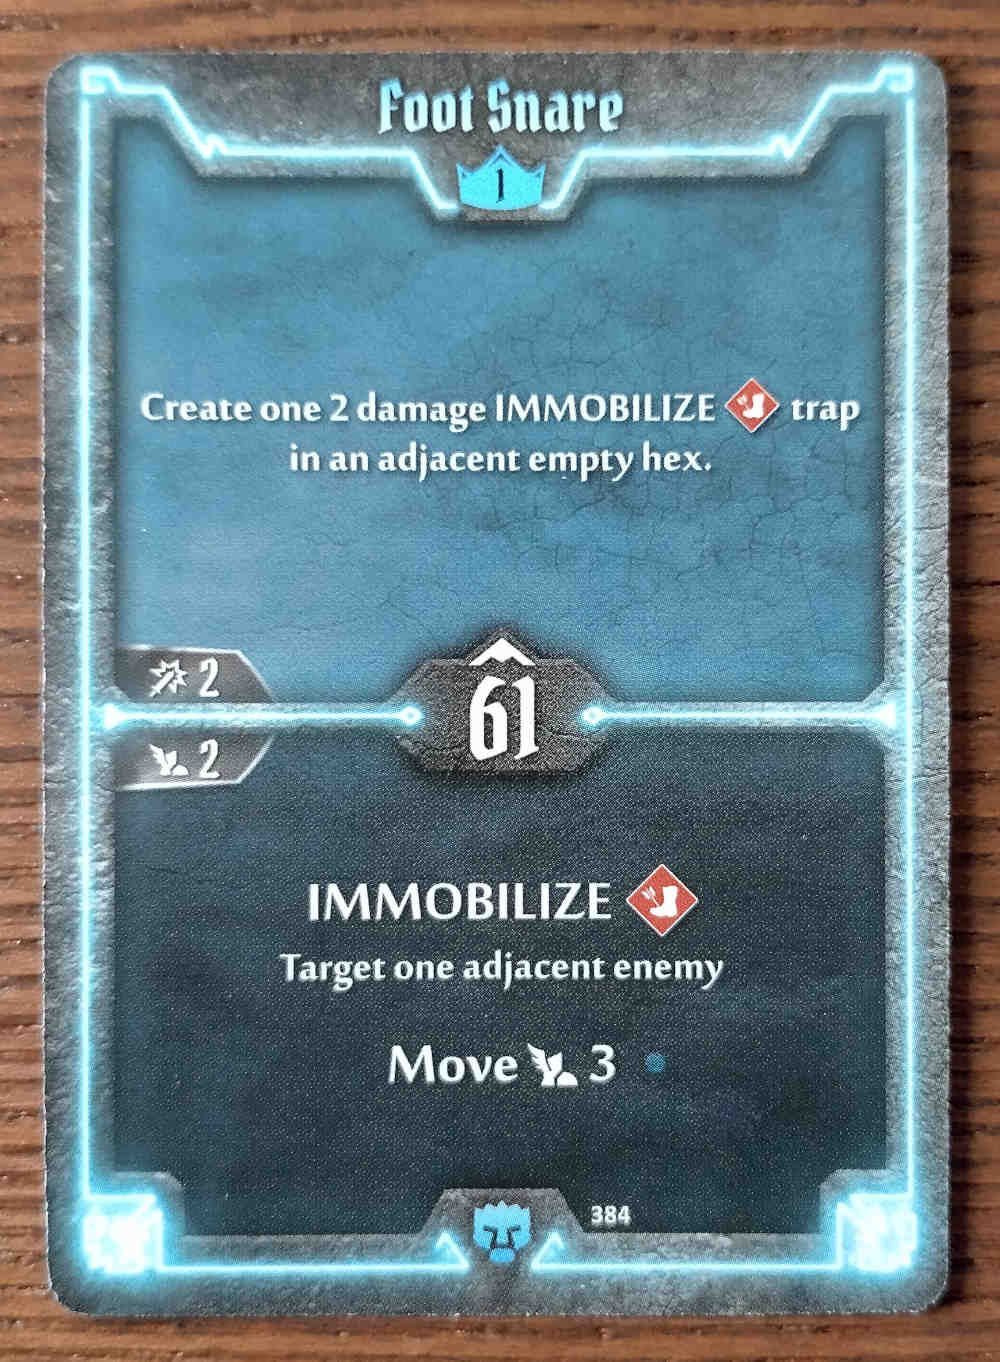 Level 1 Doomstalker card Foot Snare